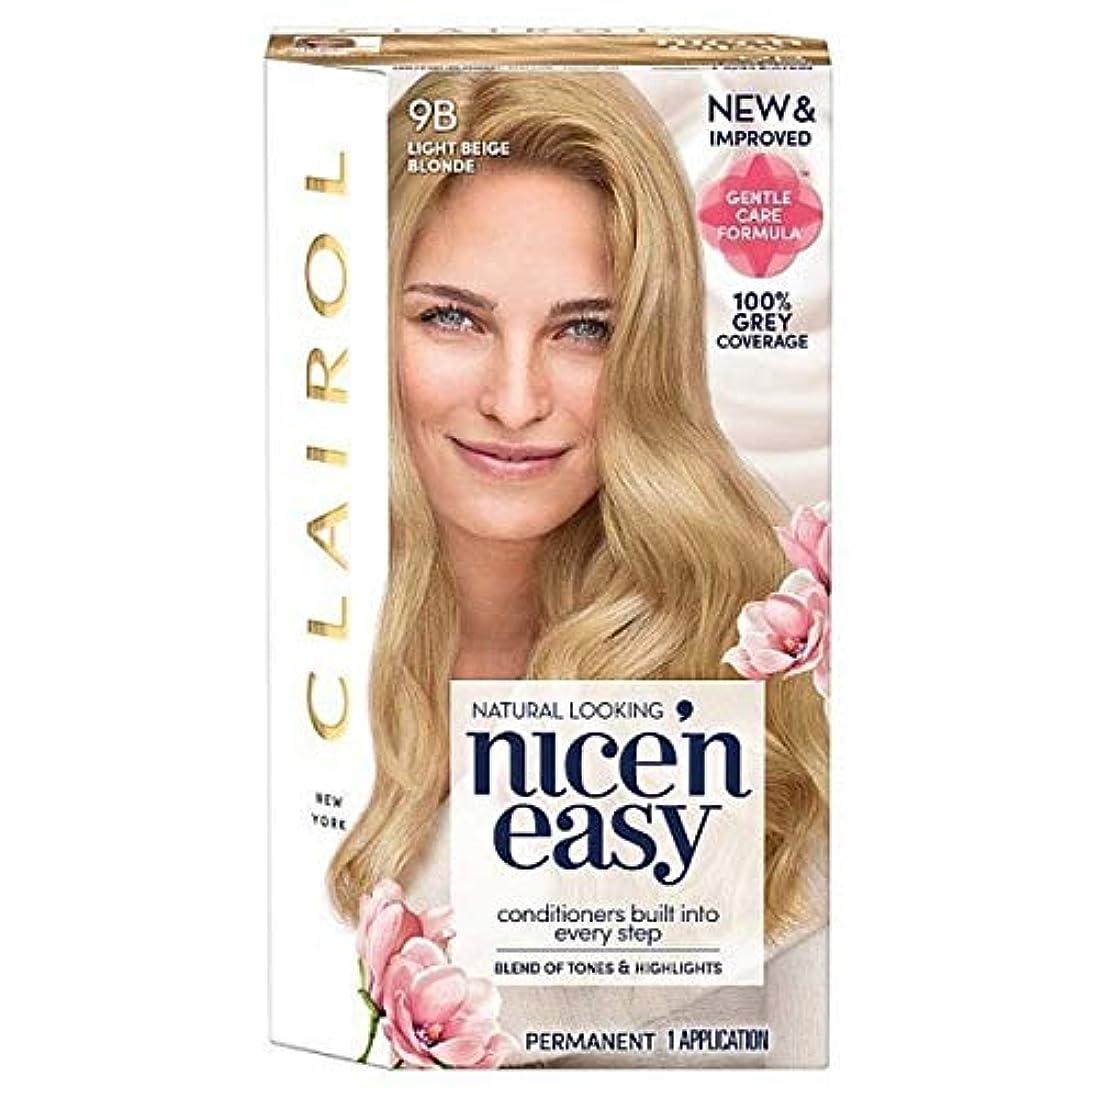 リボン獲物ちらつき[Nice'n Easy] Nice'N簡単9Bはライトベージュブロンド - Nice'n Easy 9B Light Beige Blonde [並行輸入品]